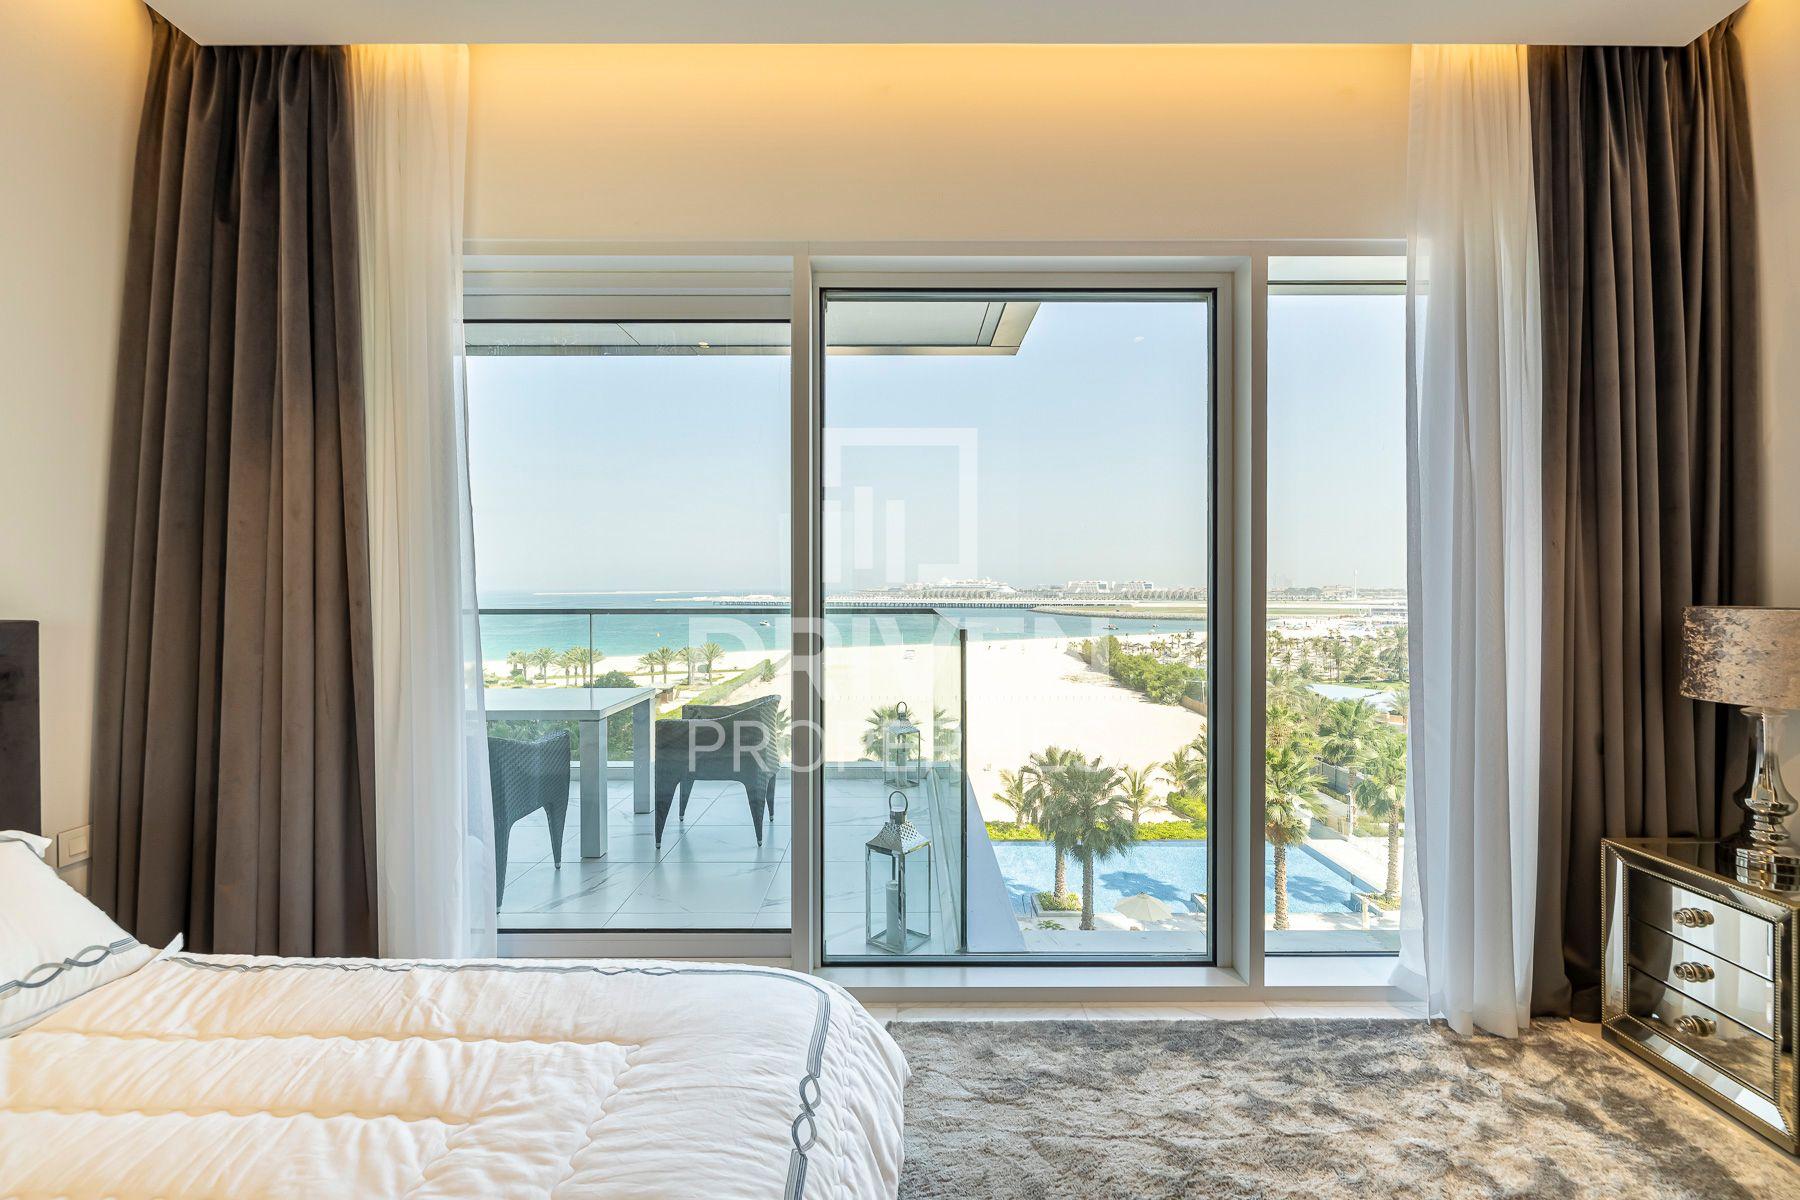 1,919 قدم مربع  شقة - للبيع - مساكن شاطئ الجميرا